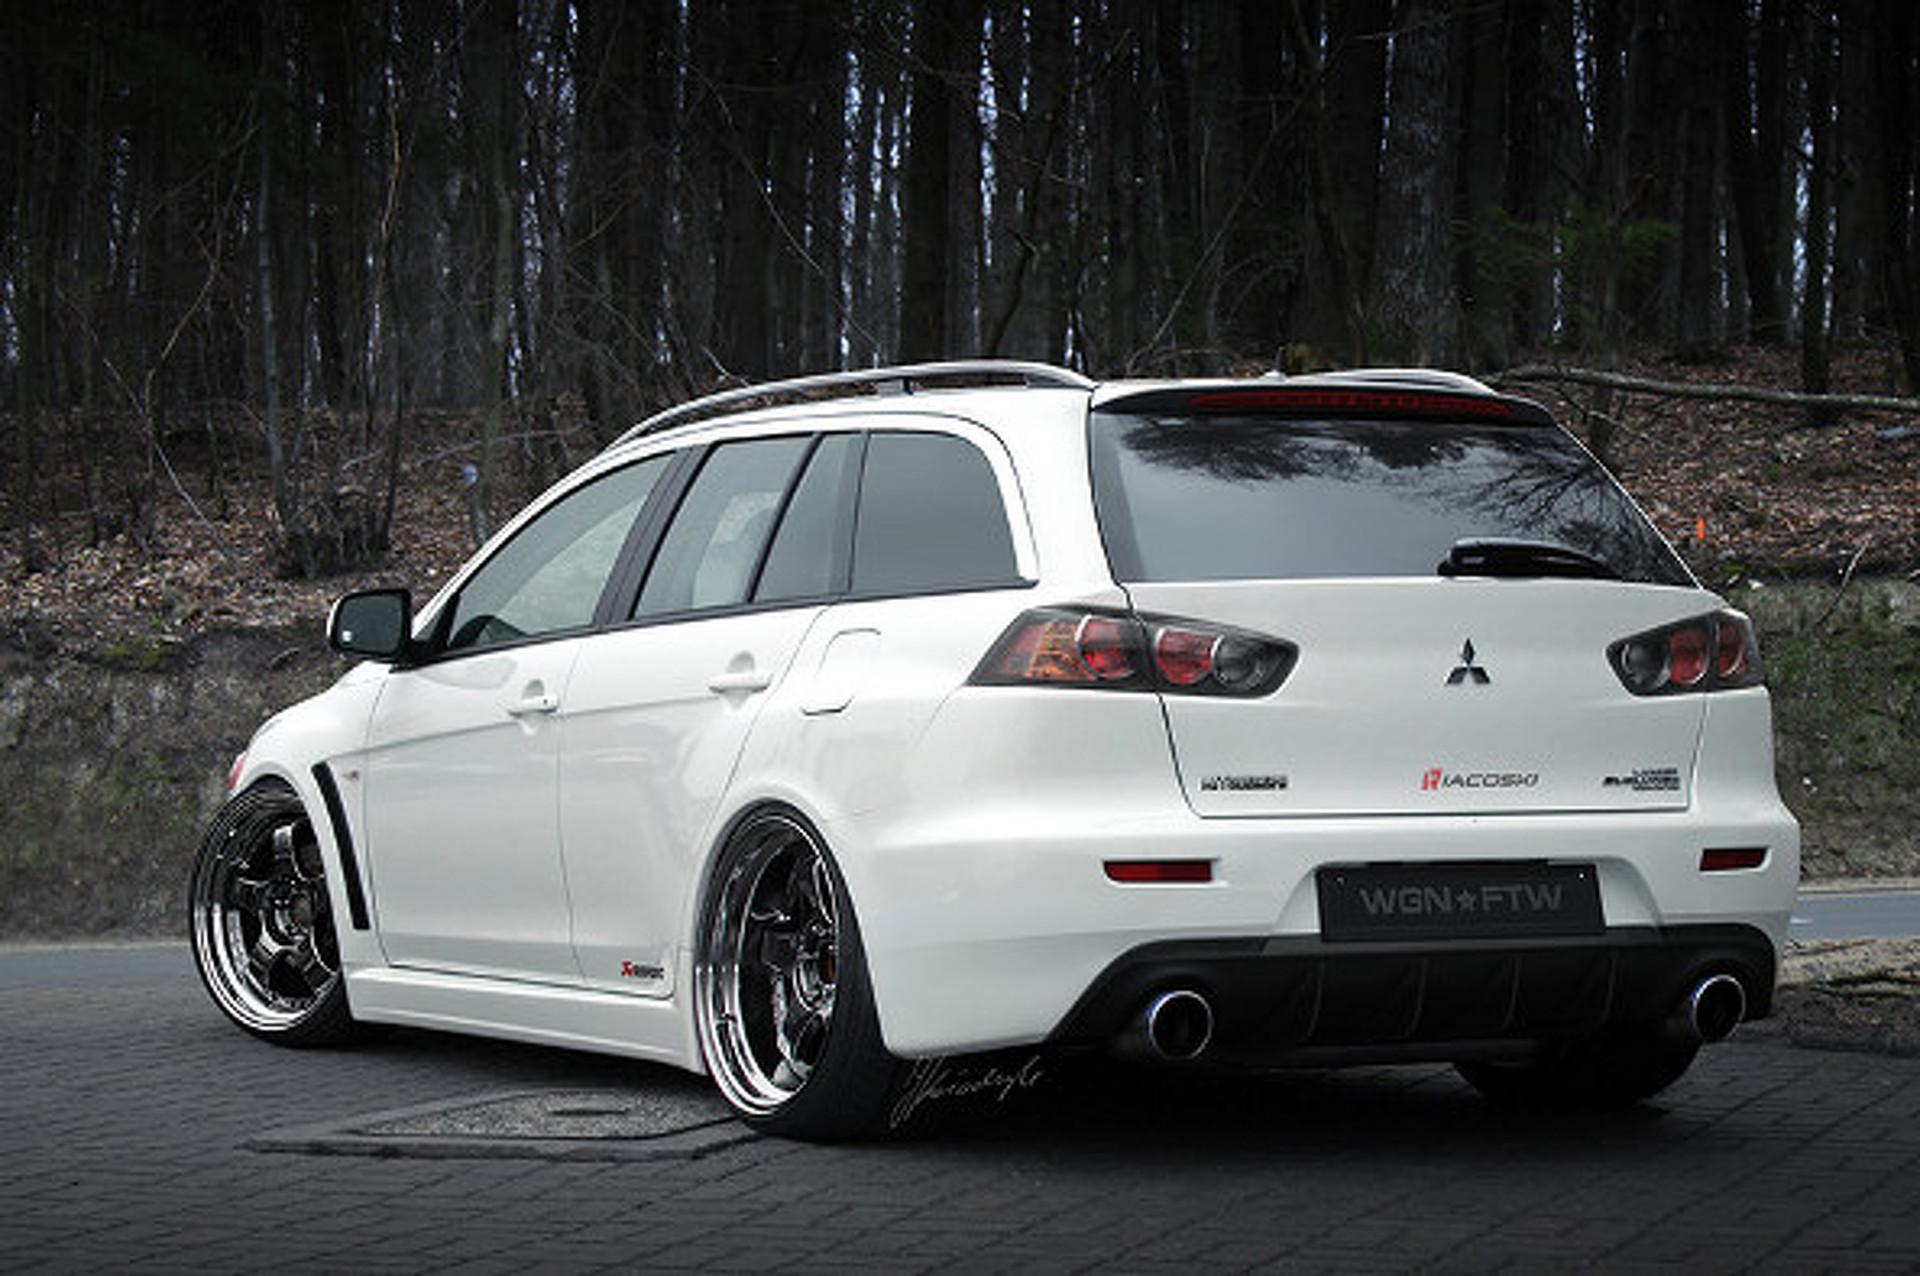 Evo X Wagon Concept Has Junk in Trunk